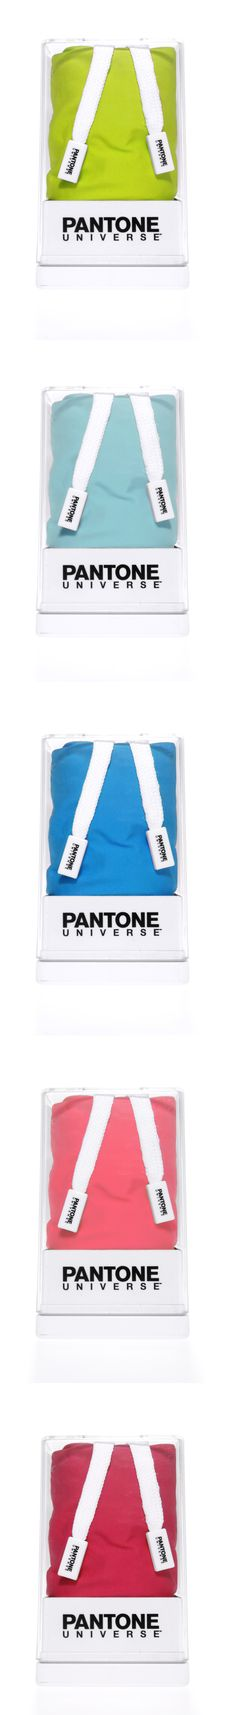 Pantone Universe Beachwear Packagings    Collection 1